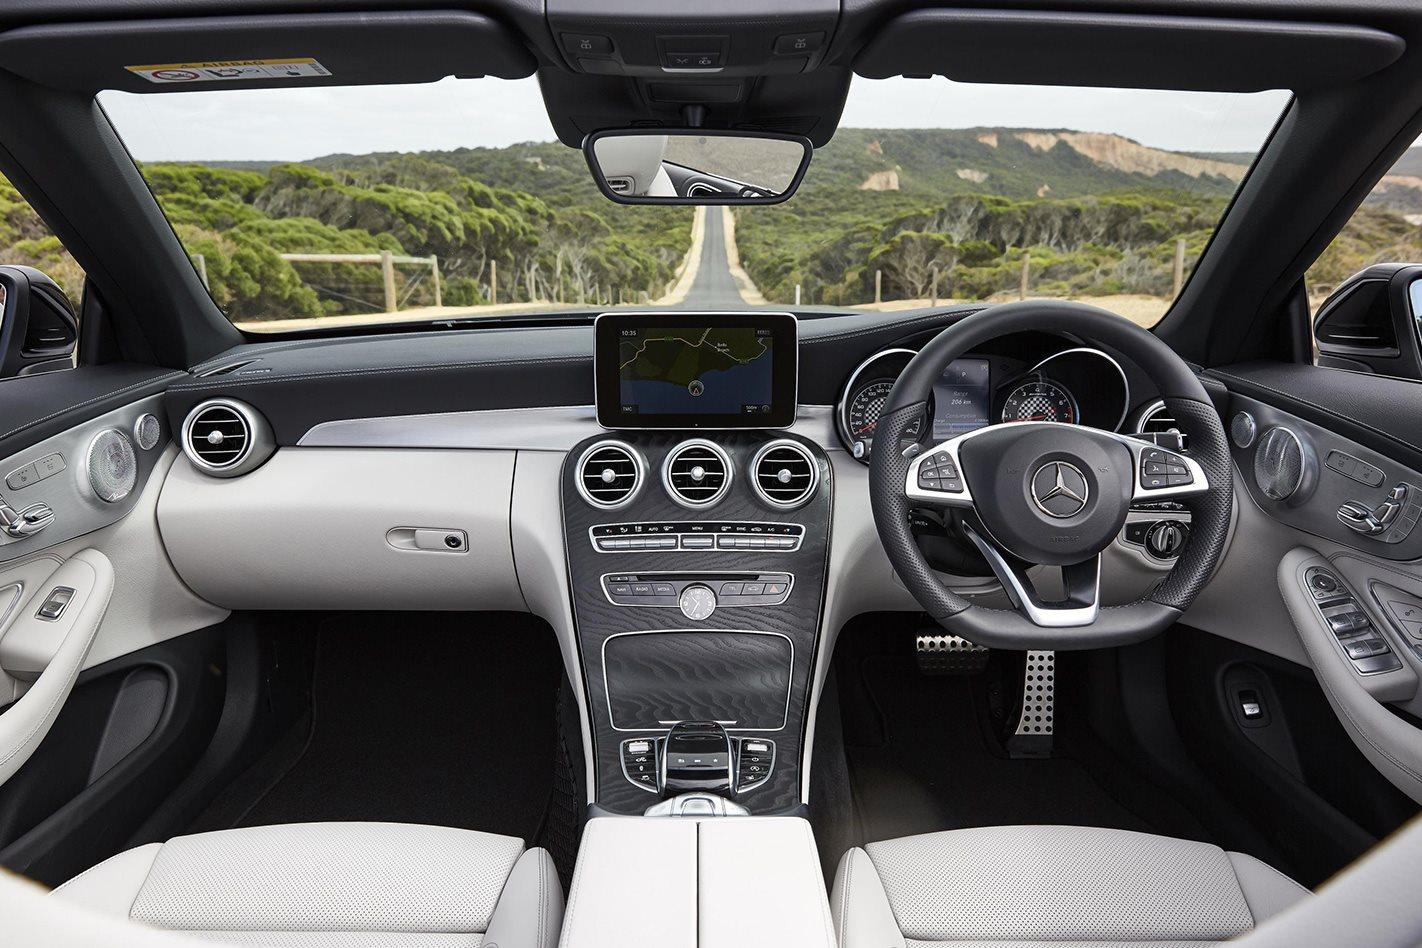 2017 Mercedes AMG C43 Cabriolet interior